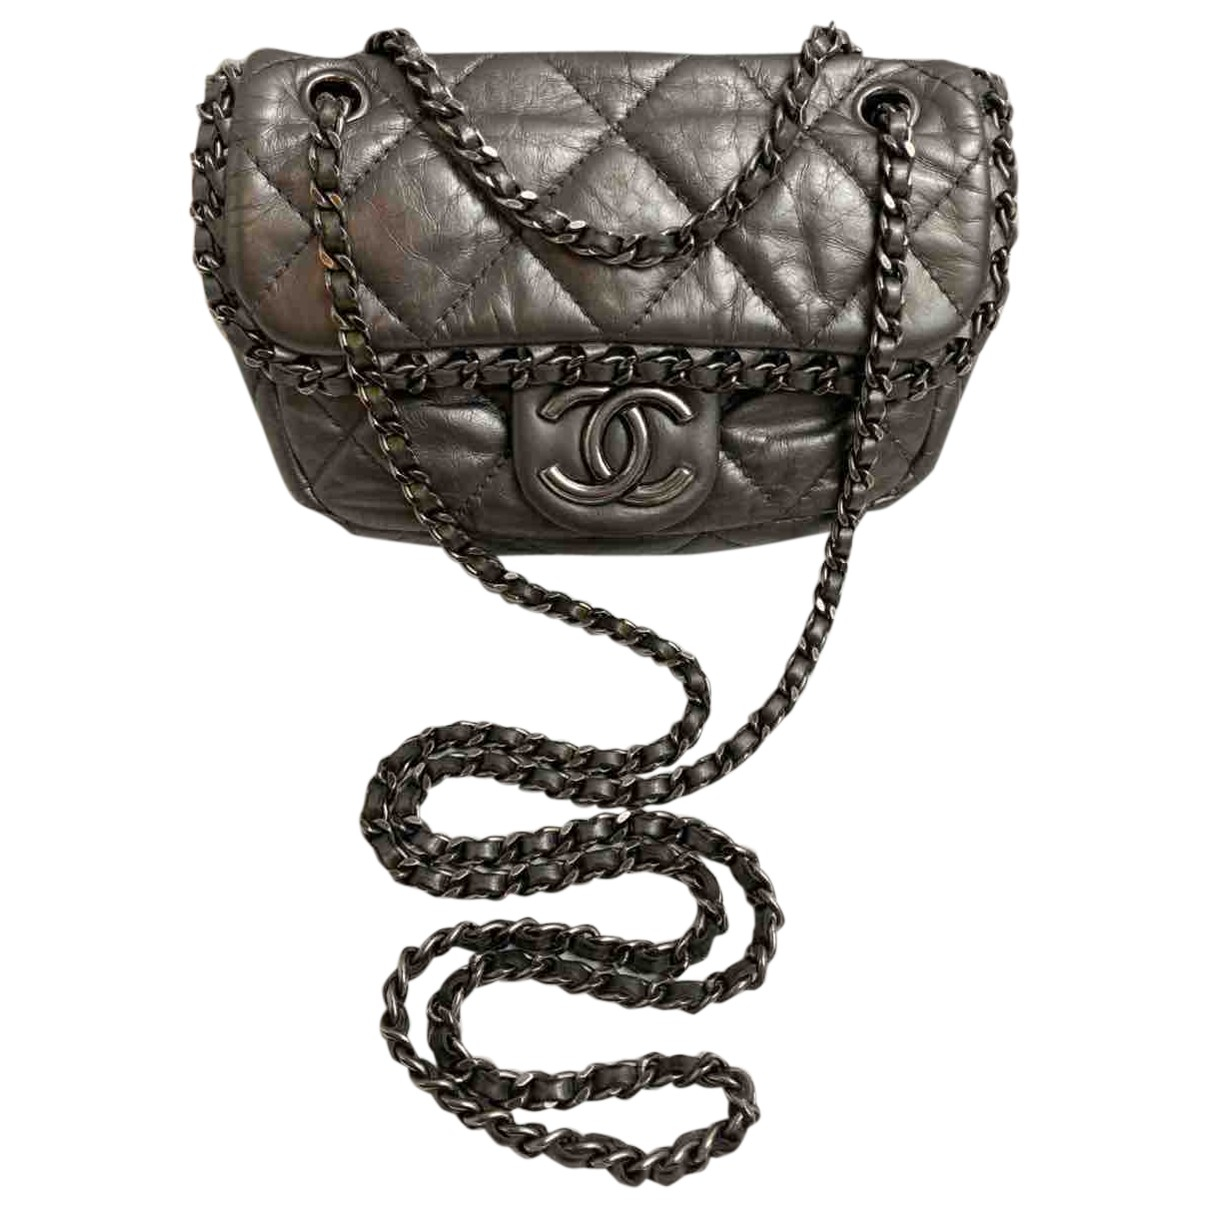 Chanel - Sac a main Timeless/Classique pour femme en cuir - argente